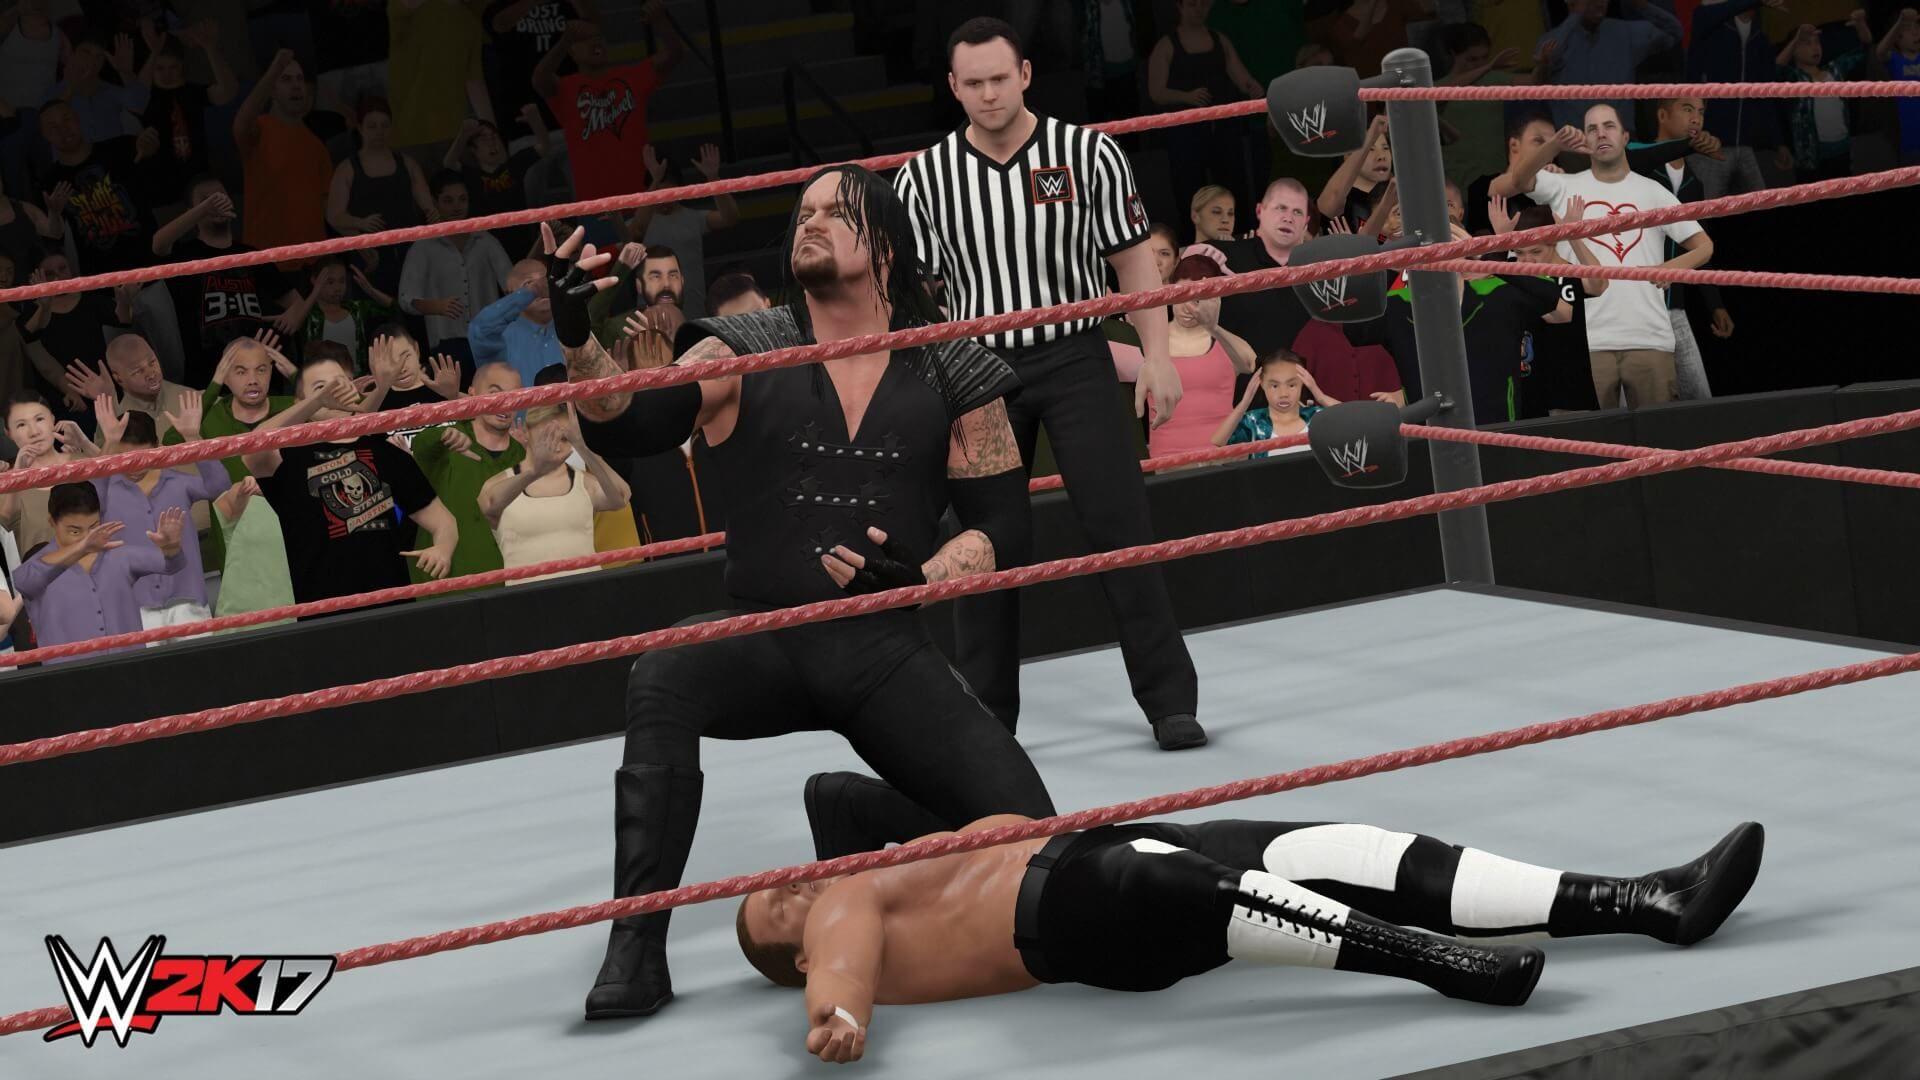 FR-WWE 2K17 PC Releas